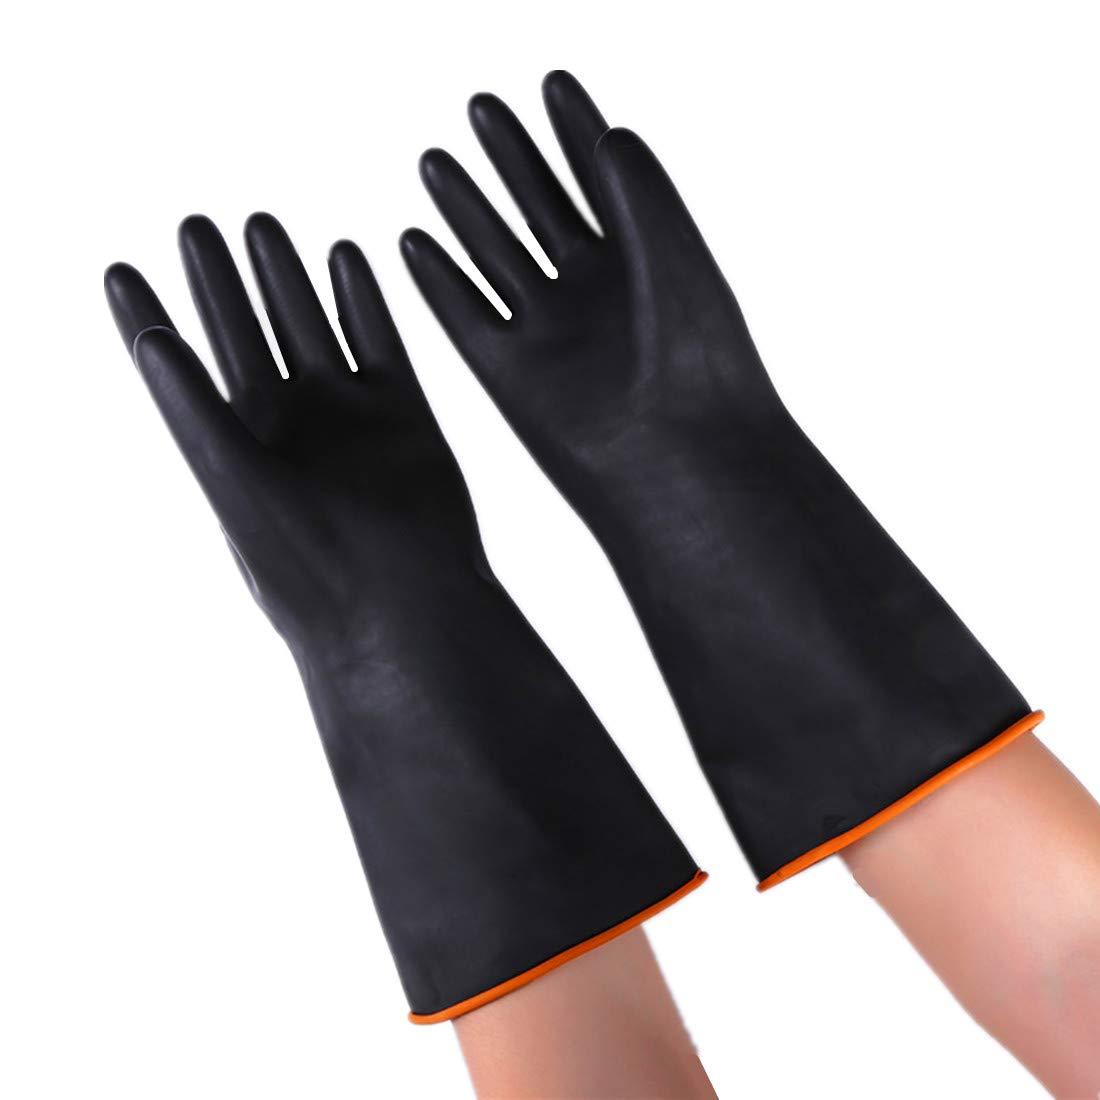 厚手ゴム手袋 4ペア 車 自宅 オフィス 家庭用クリーニングツール 保護手袋 XXL ブラック XXL ブラック B07M9VB1W6